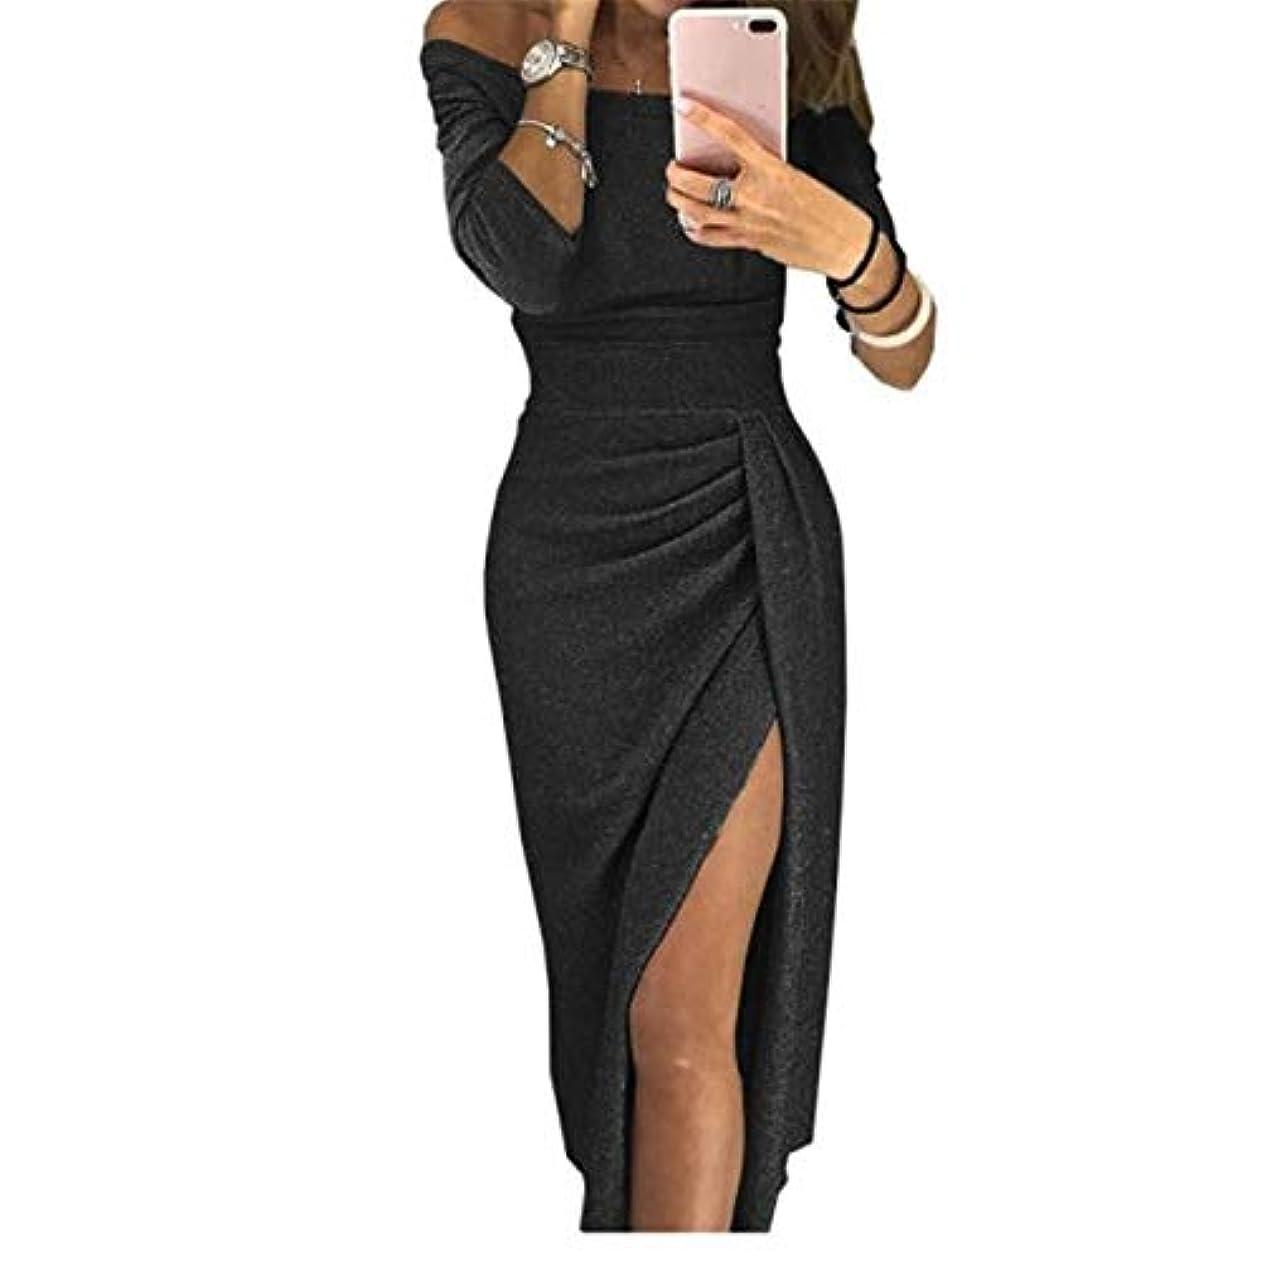 伴う住む印象派Onderroa - 夏の女性のドレスはネックパッケージヒップスプリットセクシーなスパンコールのドレスレディース包帯パーティーナイトクラブミッドカーフ服装スラッシュ